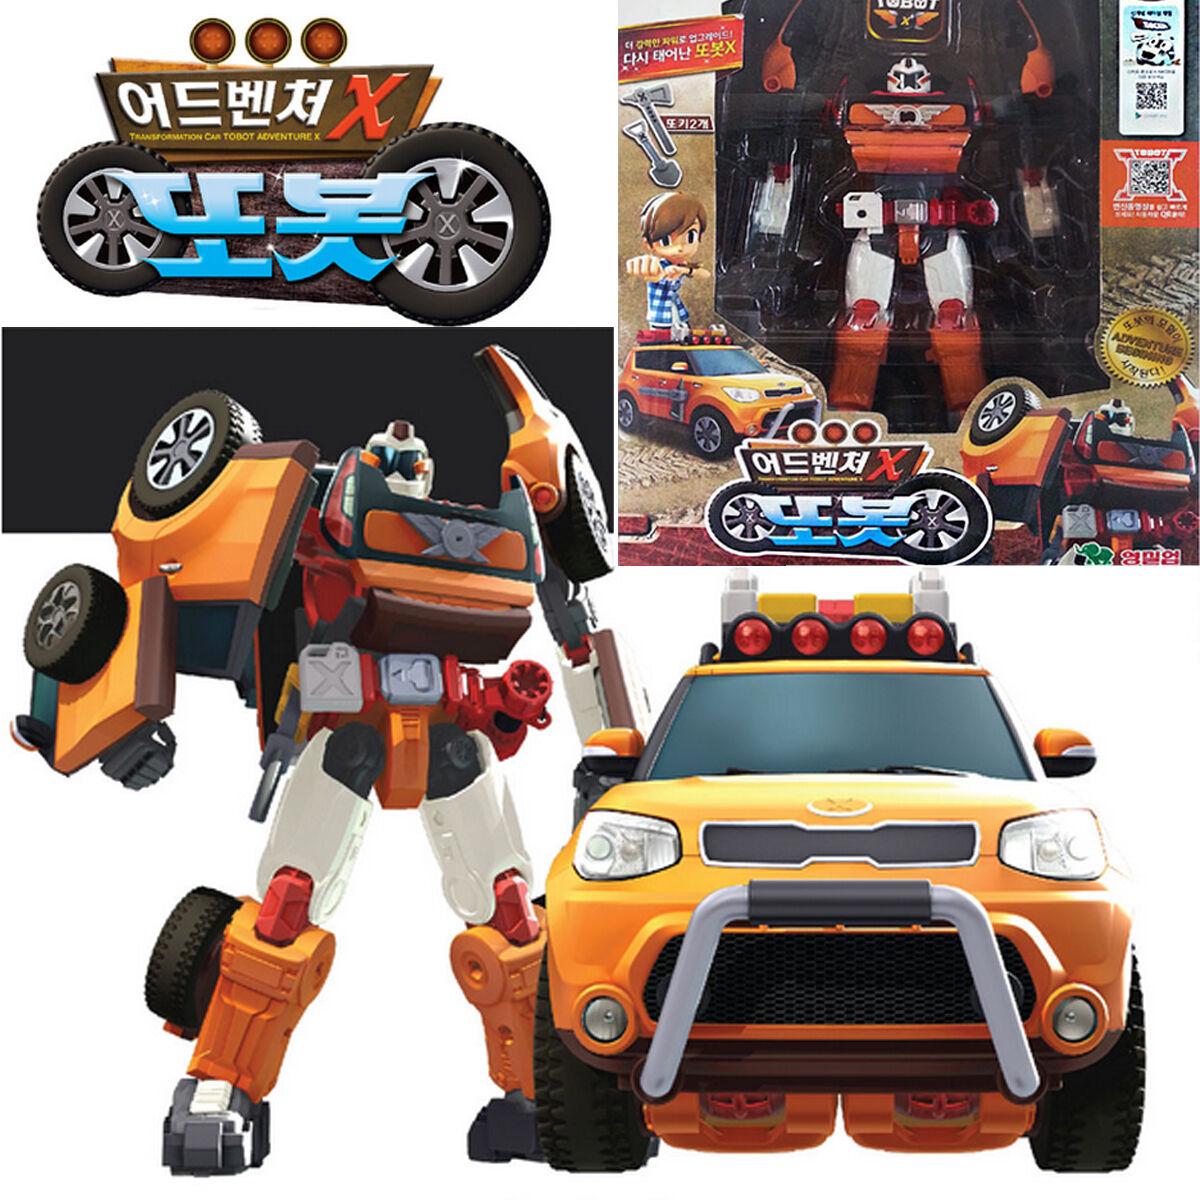 Tobot Aventura X Transformer Robot Auto de juguete Kia Kia Kia Motor Todo Nuevo Soul ecfa2b